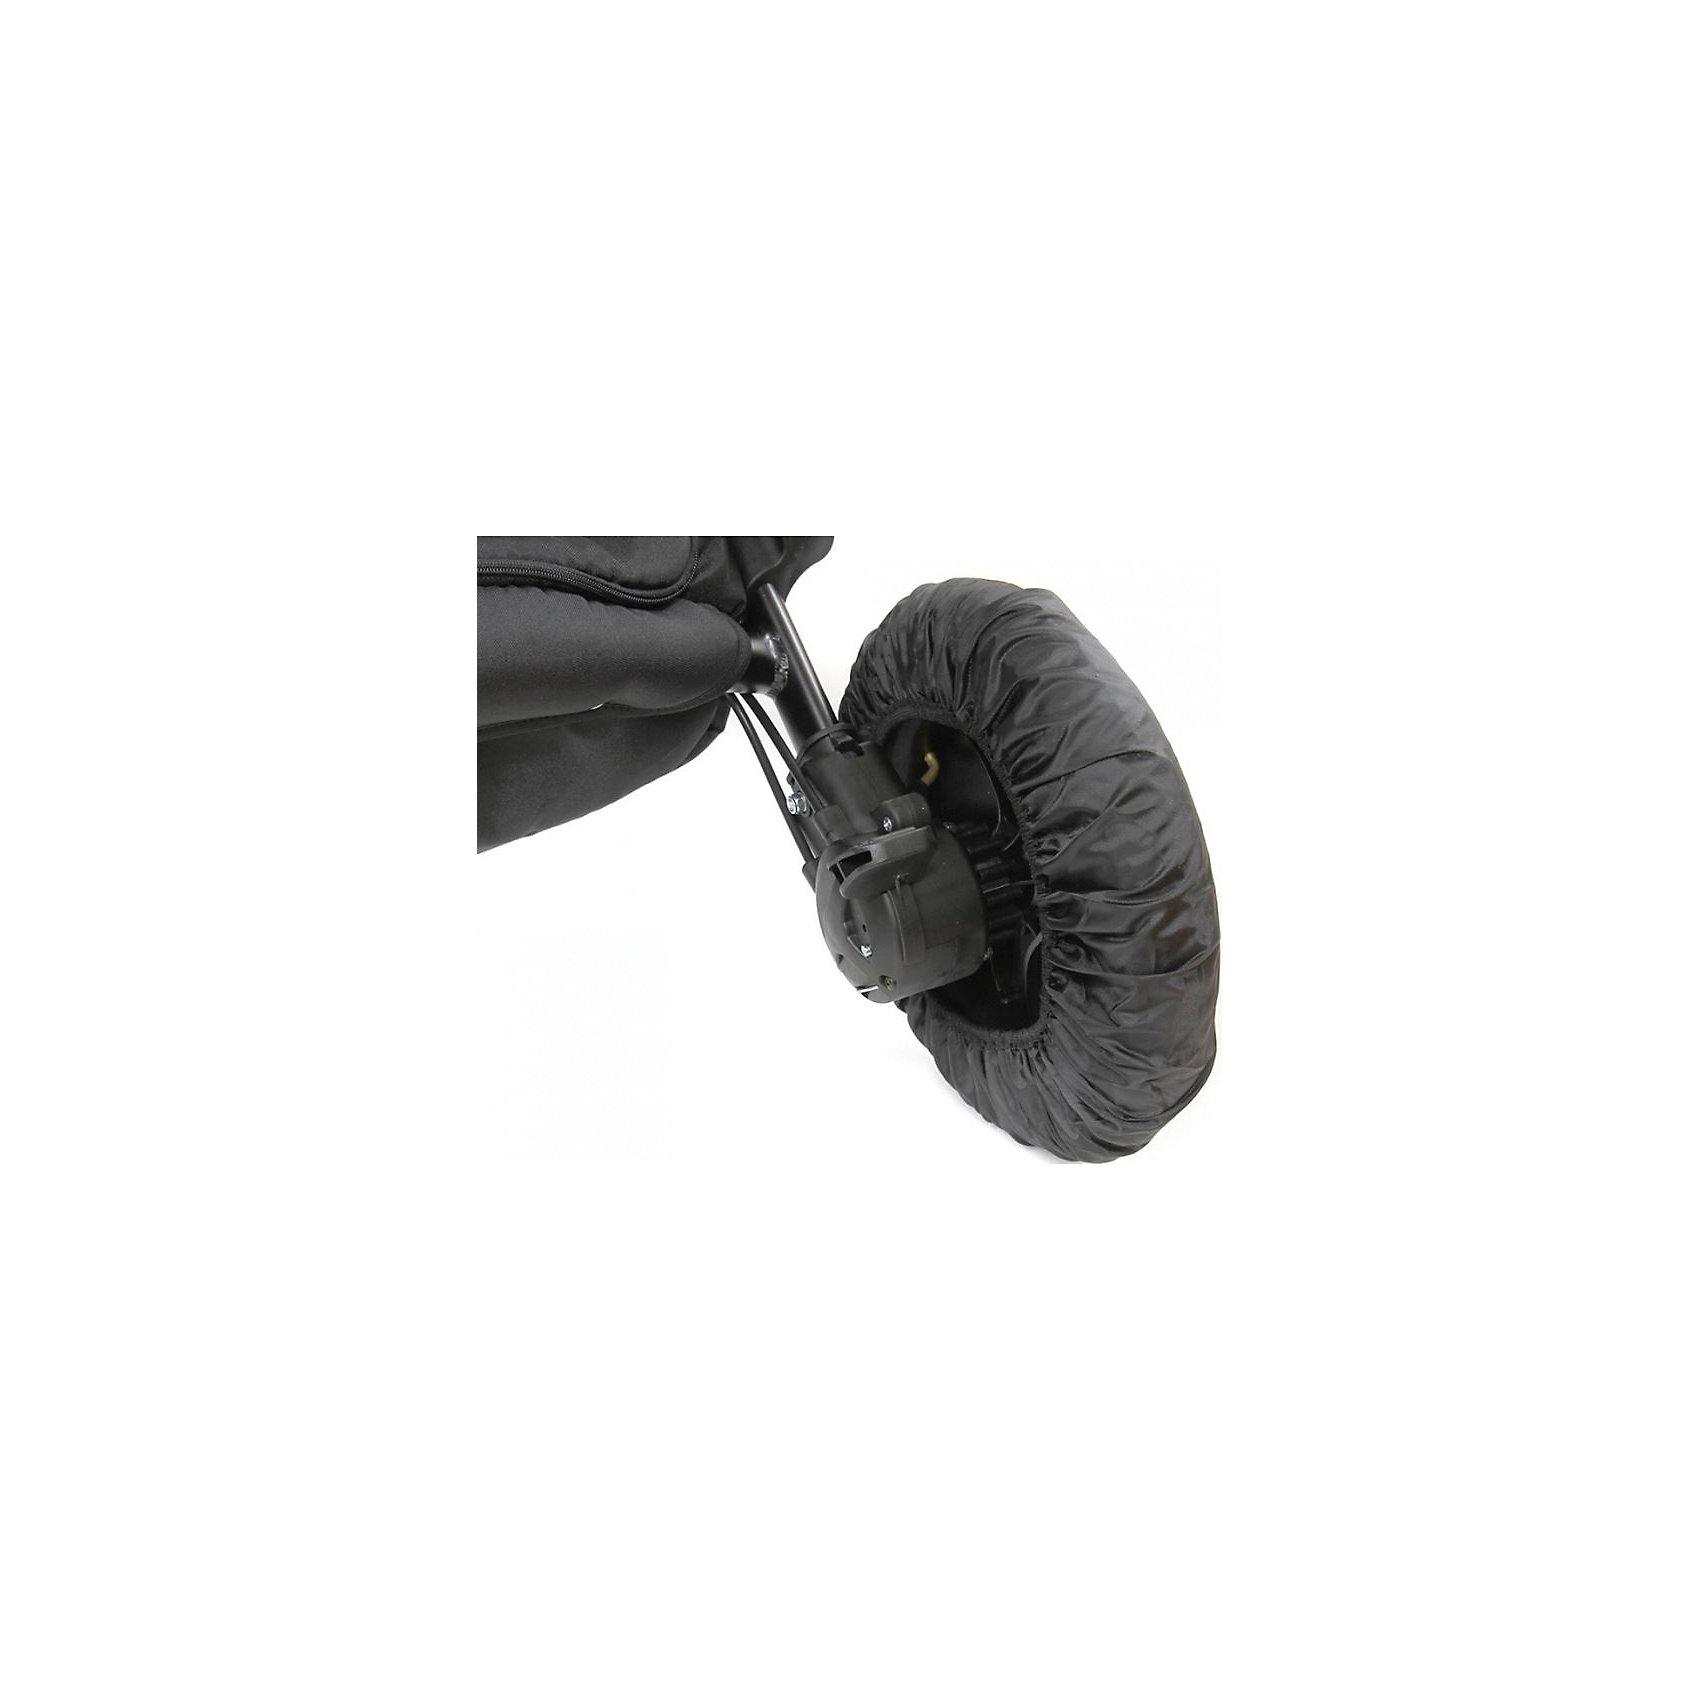 Чехлы на колёса СТАНДАРТ CLASSIC 10/12, BamBolaАксессуары для колясок<br>Комплект чехлов убережет Ваш дом и машину от излишне запачканных после прогулок колес.<br>Изделия выполнены из прочного, прорезиненного материала, который не пропускает влагу и грязь. За счет тянущейся сборки-резинки чехлы легко одевать и снимать с колес, при этом вся грязь при снятии остается внутри изделия. <br>За чехлами легко ухаживать - их достаточно просто вытряхнуть и ополоснуть водой, они легко стираются и быстро сохнут. Чехлы подходят для всех моделей прогулочных колясок. Изделие произведено из качественных и безопасных для малышей материалов, оно соответствуют всем современным требованиям безопасности.<br> <br>Дополнительная информация:<br><br>цвет: черный;<br>подходят для колес среднего диаметра;<br>комплектация: 4 шт.<br><br>Чехлы на колёса СТАНДАРТ CLASSIC 10/12 от компании Bambola можно купить в нашем магазине.<br><br>Ширина мм: 100<br>Глубина мм: 100<br>Высота мм: 100<br>Вес г: 50<br>Возраст от месяцев: 0<br>Возраст до месяцев: 36<br>Пол: Унисекс<br>Возраст: Детский<br>SKU: 4720145